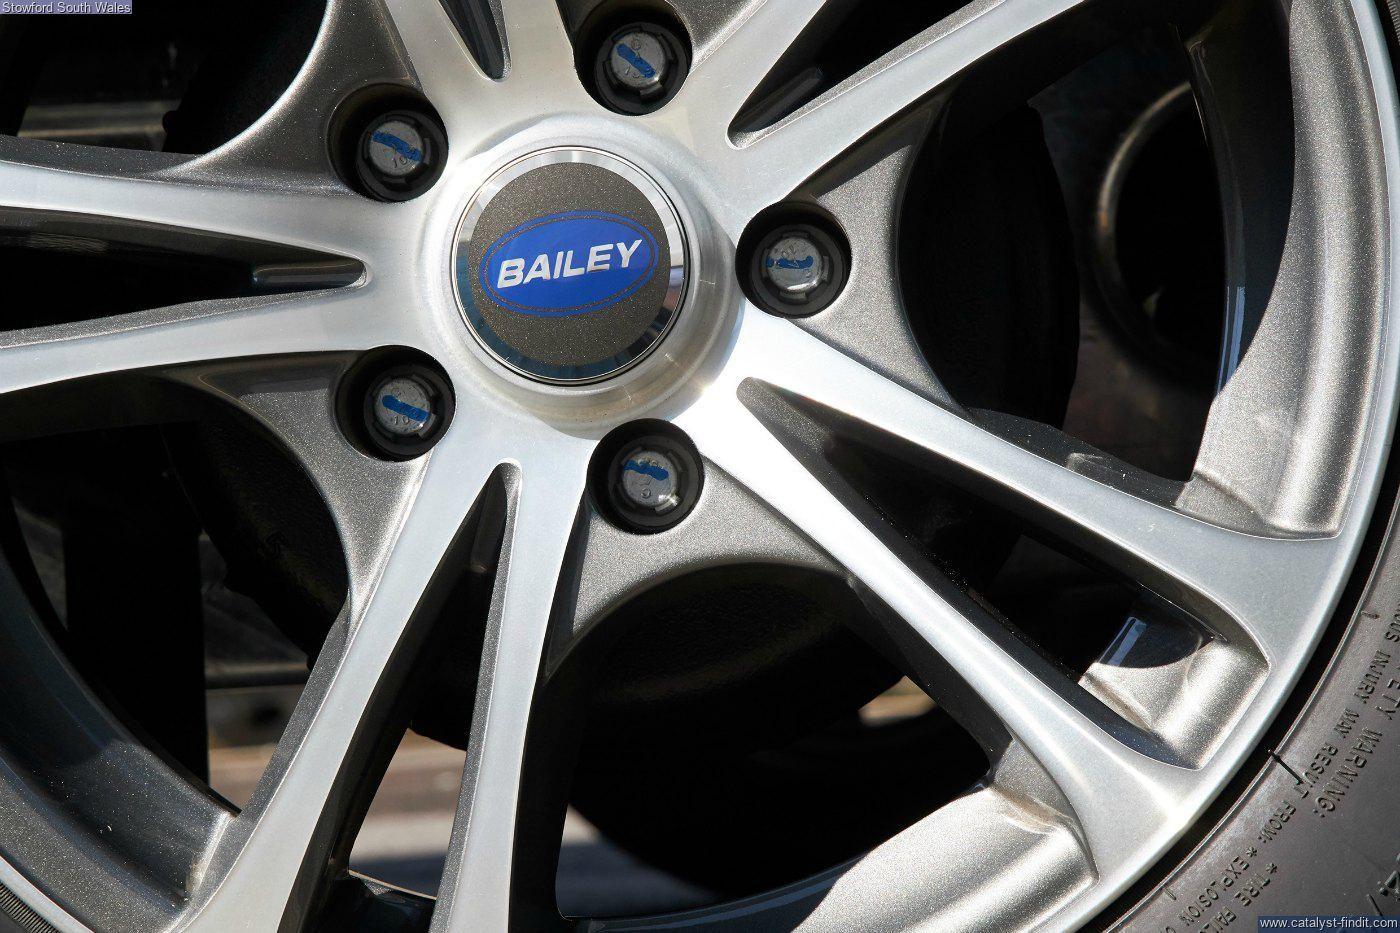 Bailey Alicanto Grande Sintra 2021